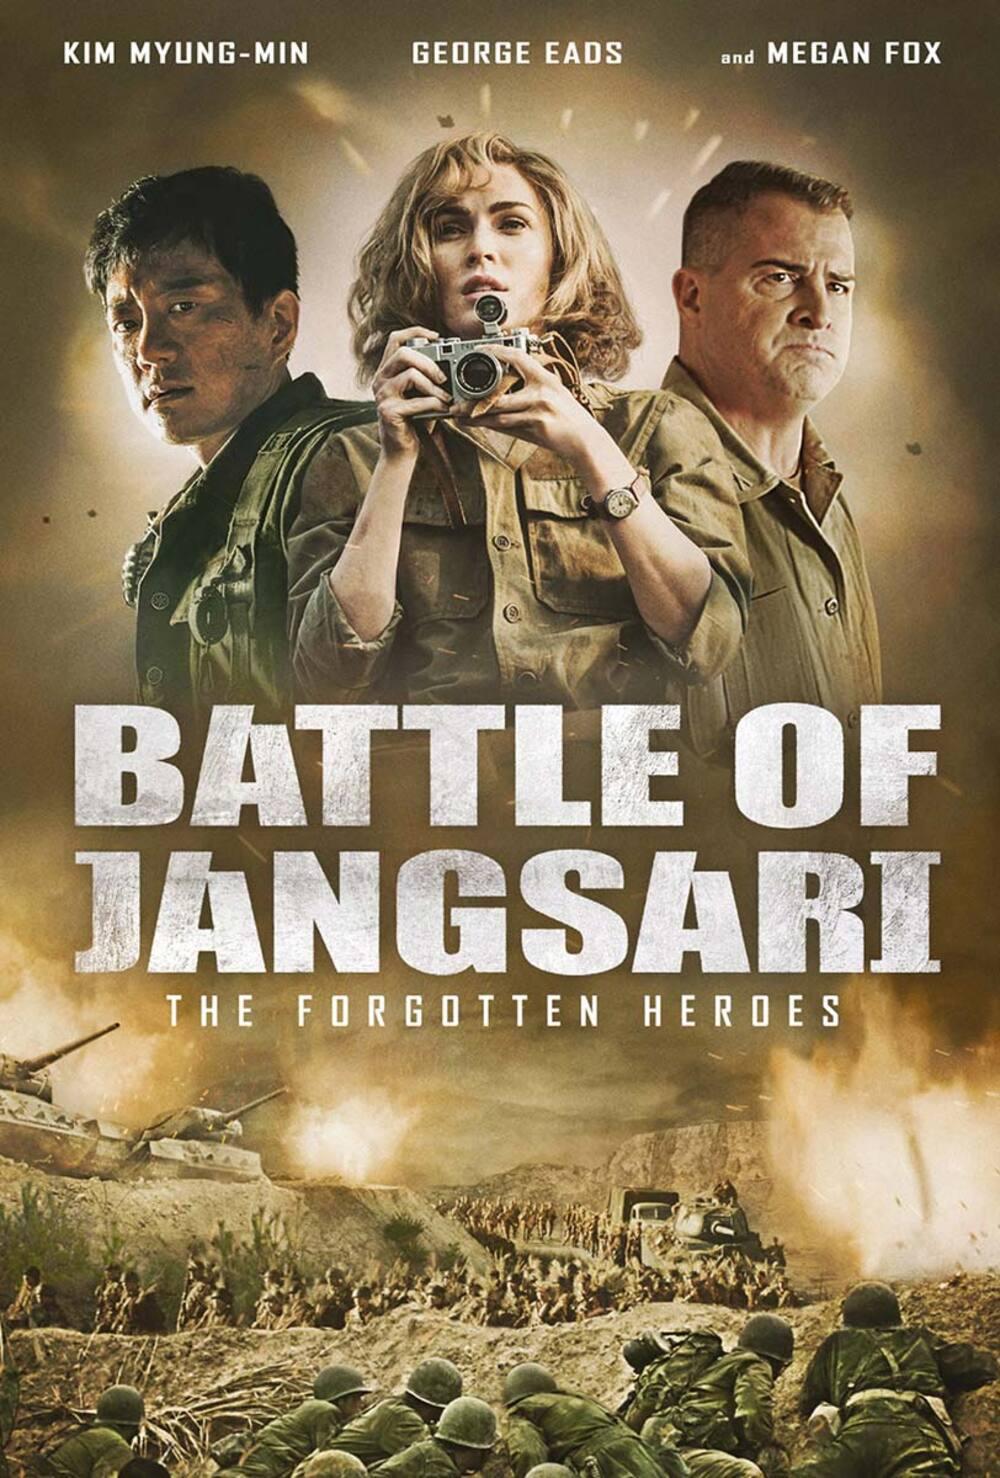 Jangsa-ri 9.15 / Battle of Jangsari (2019)